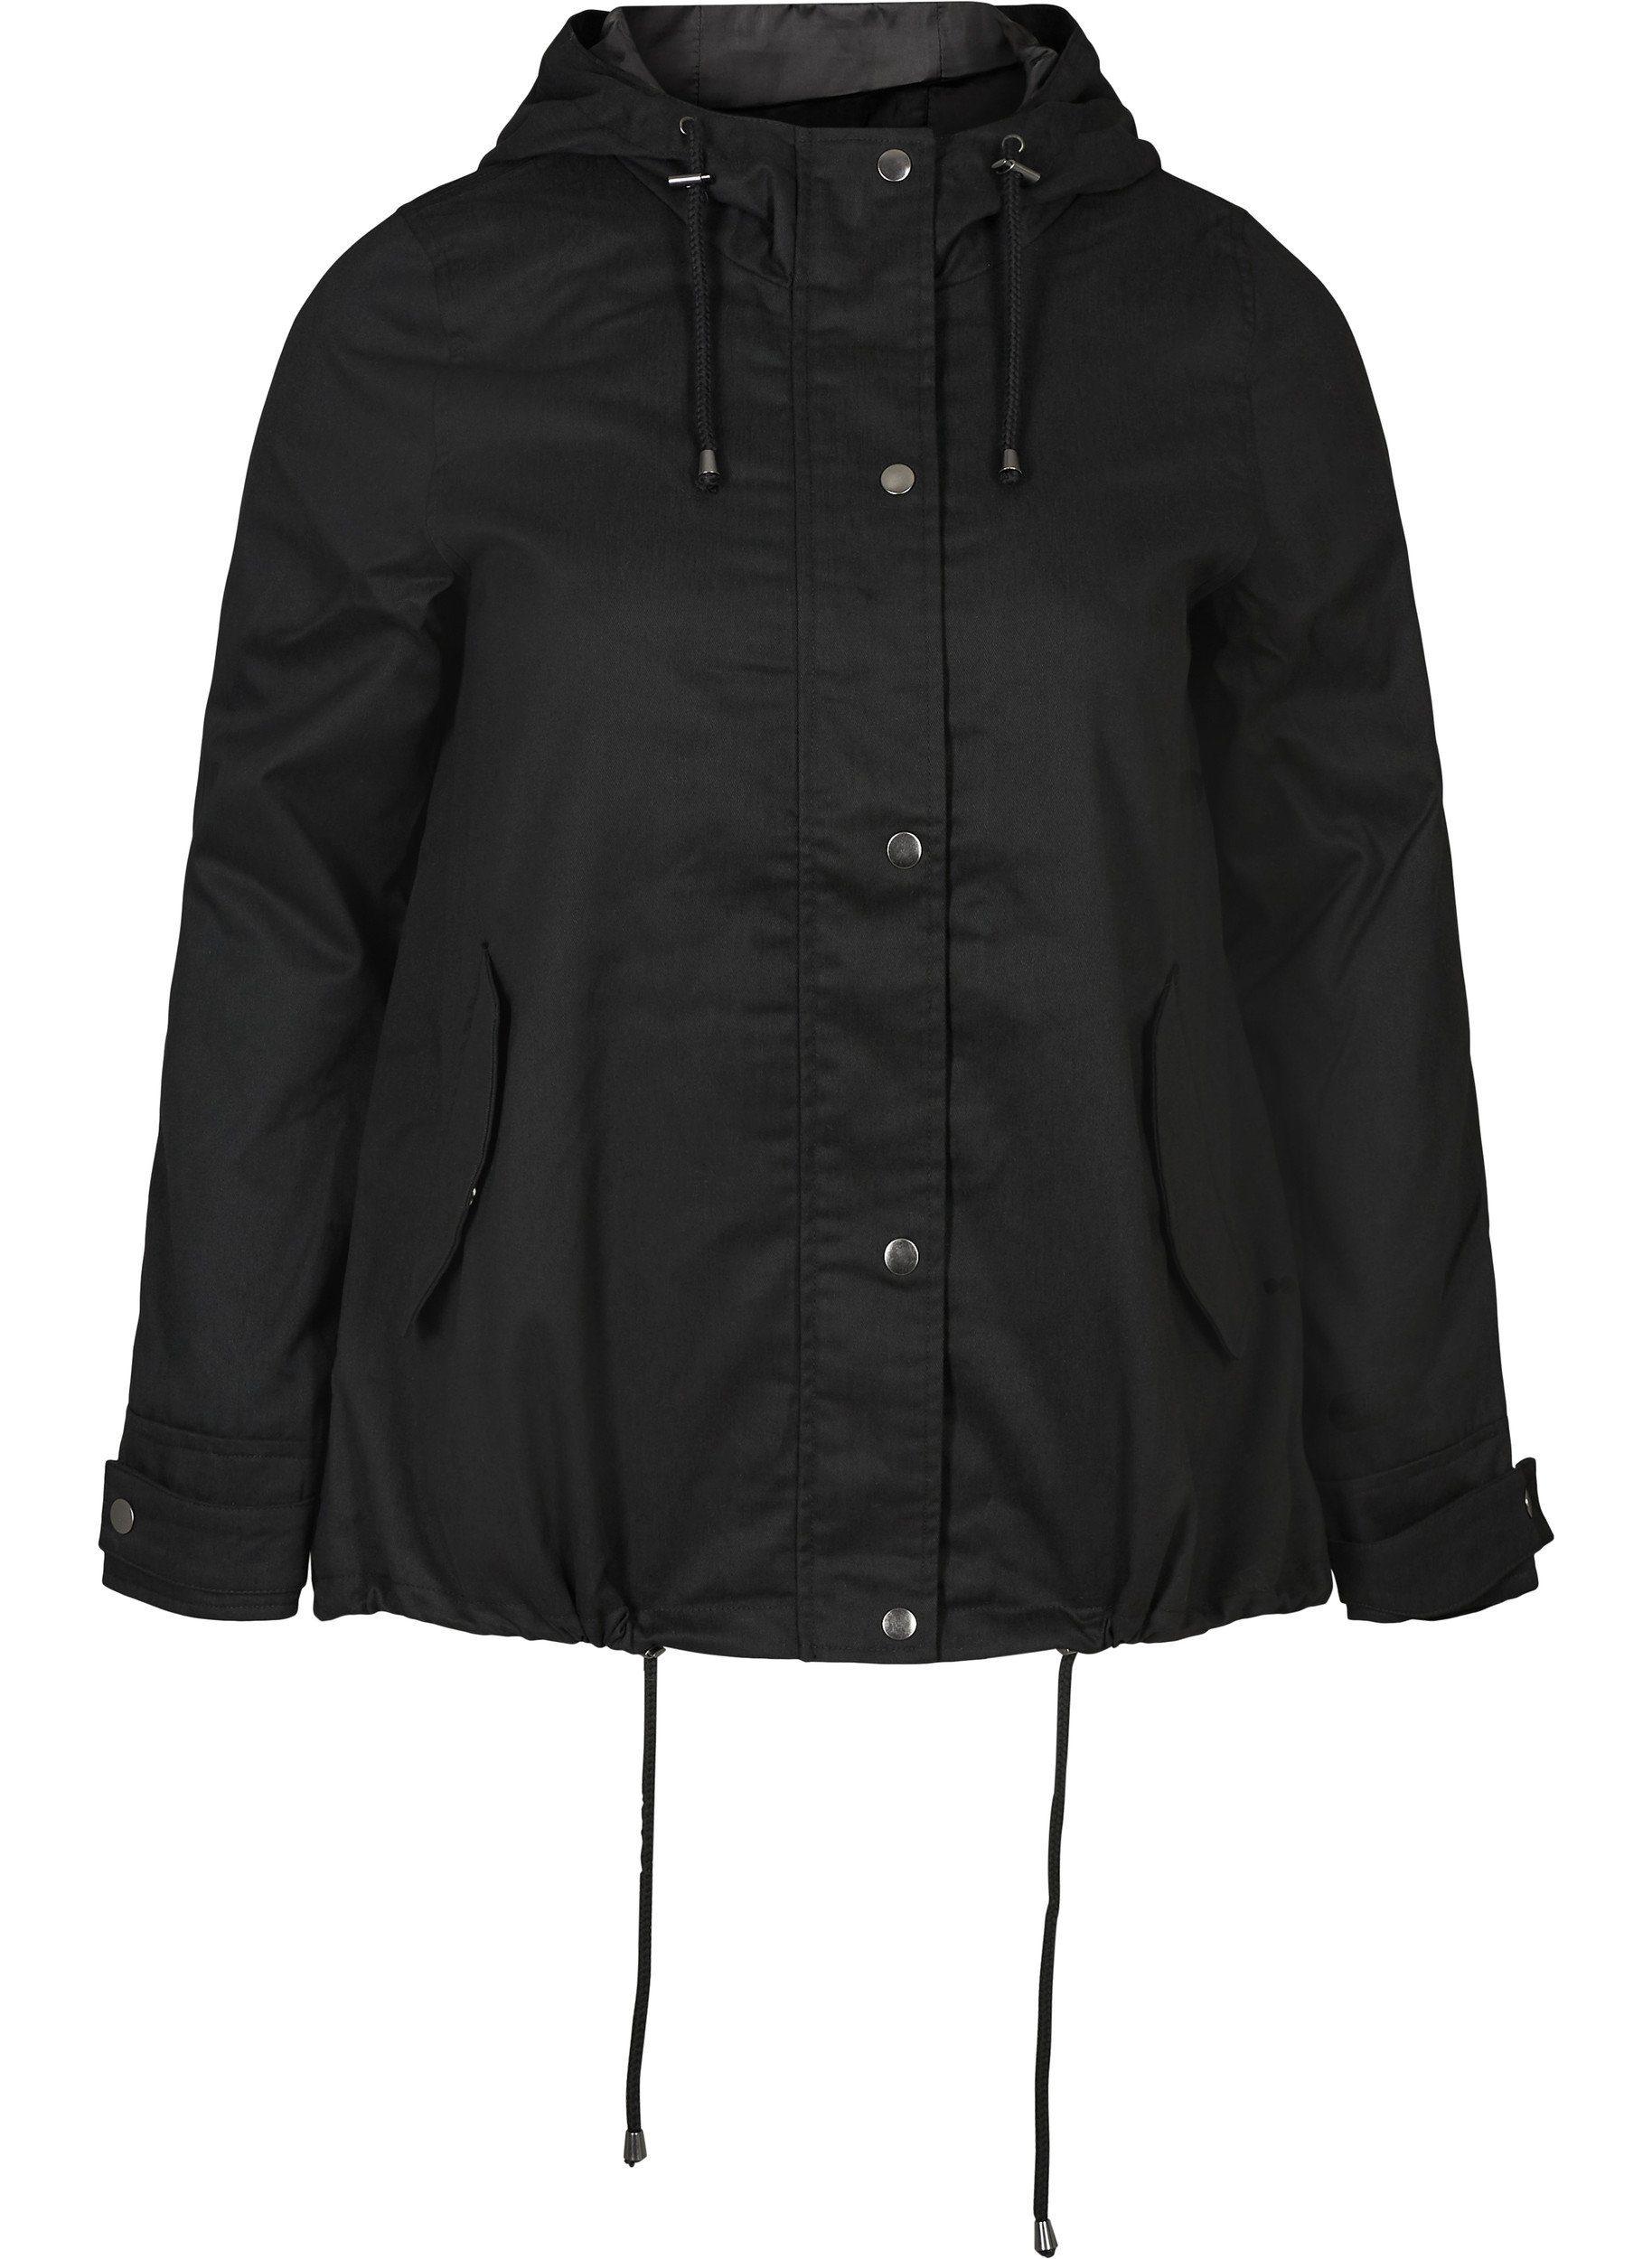 Zizzi Kurzjacke Große Größen Damen Kurze Jacke mit Reissverschluss und Kapuze online kaufen | OTTO